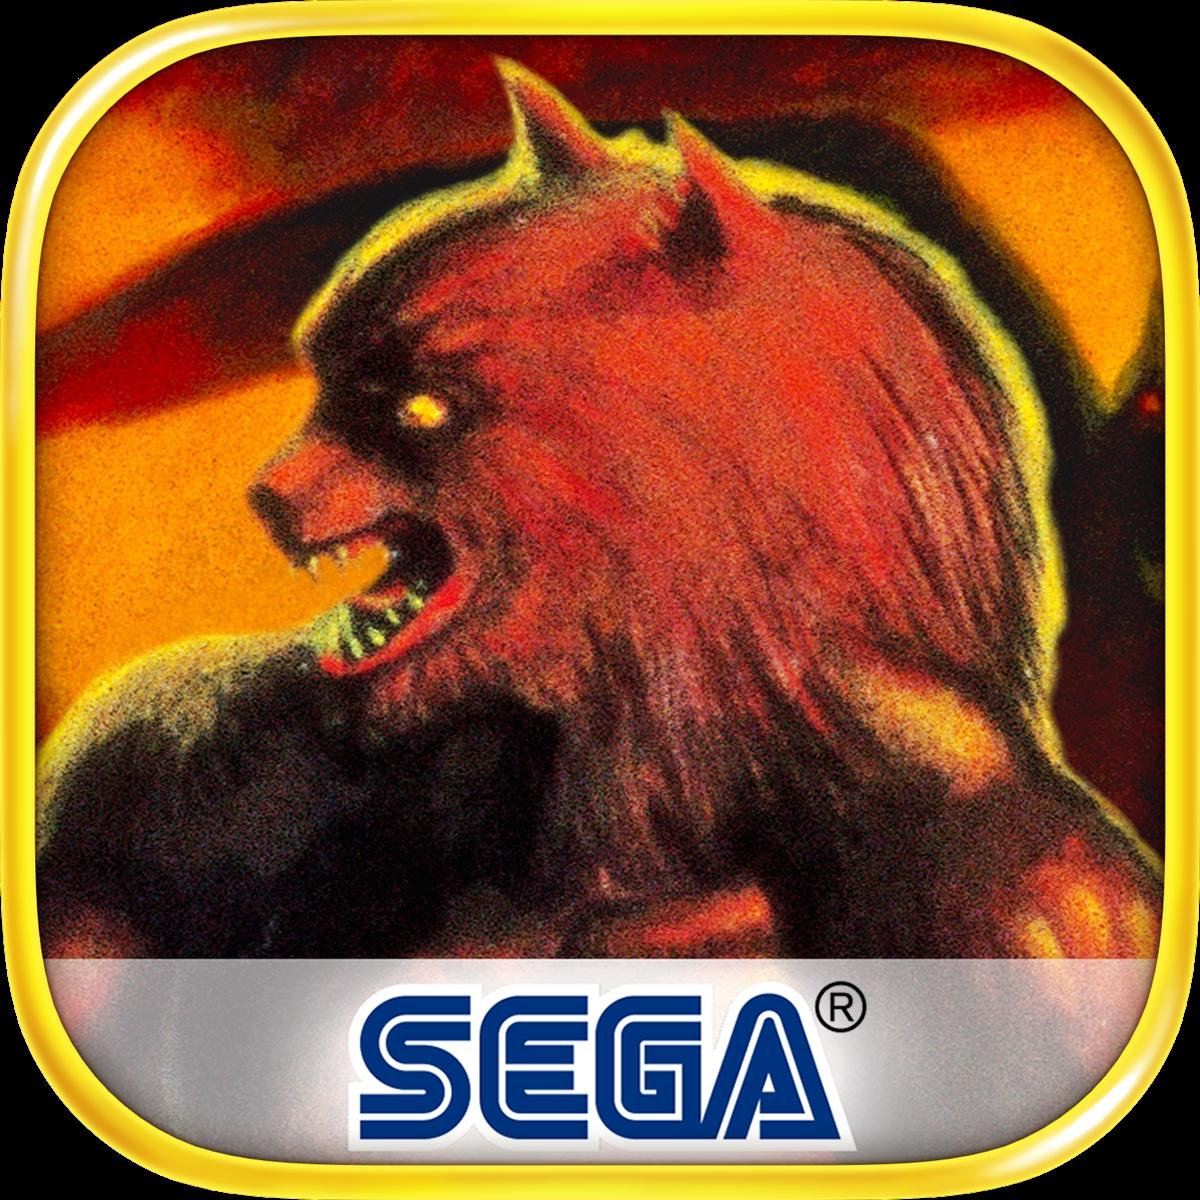 Jogos da SEGA chegam gratuitamente a dispositivos móveis